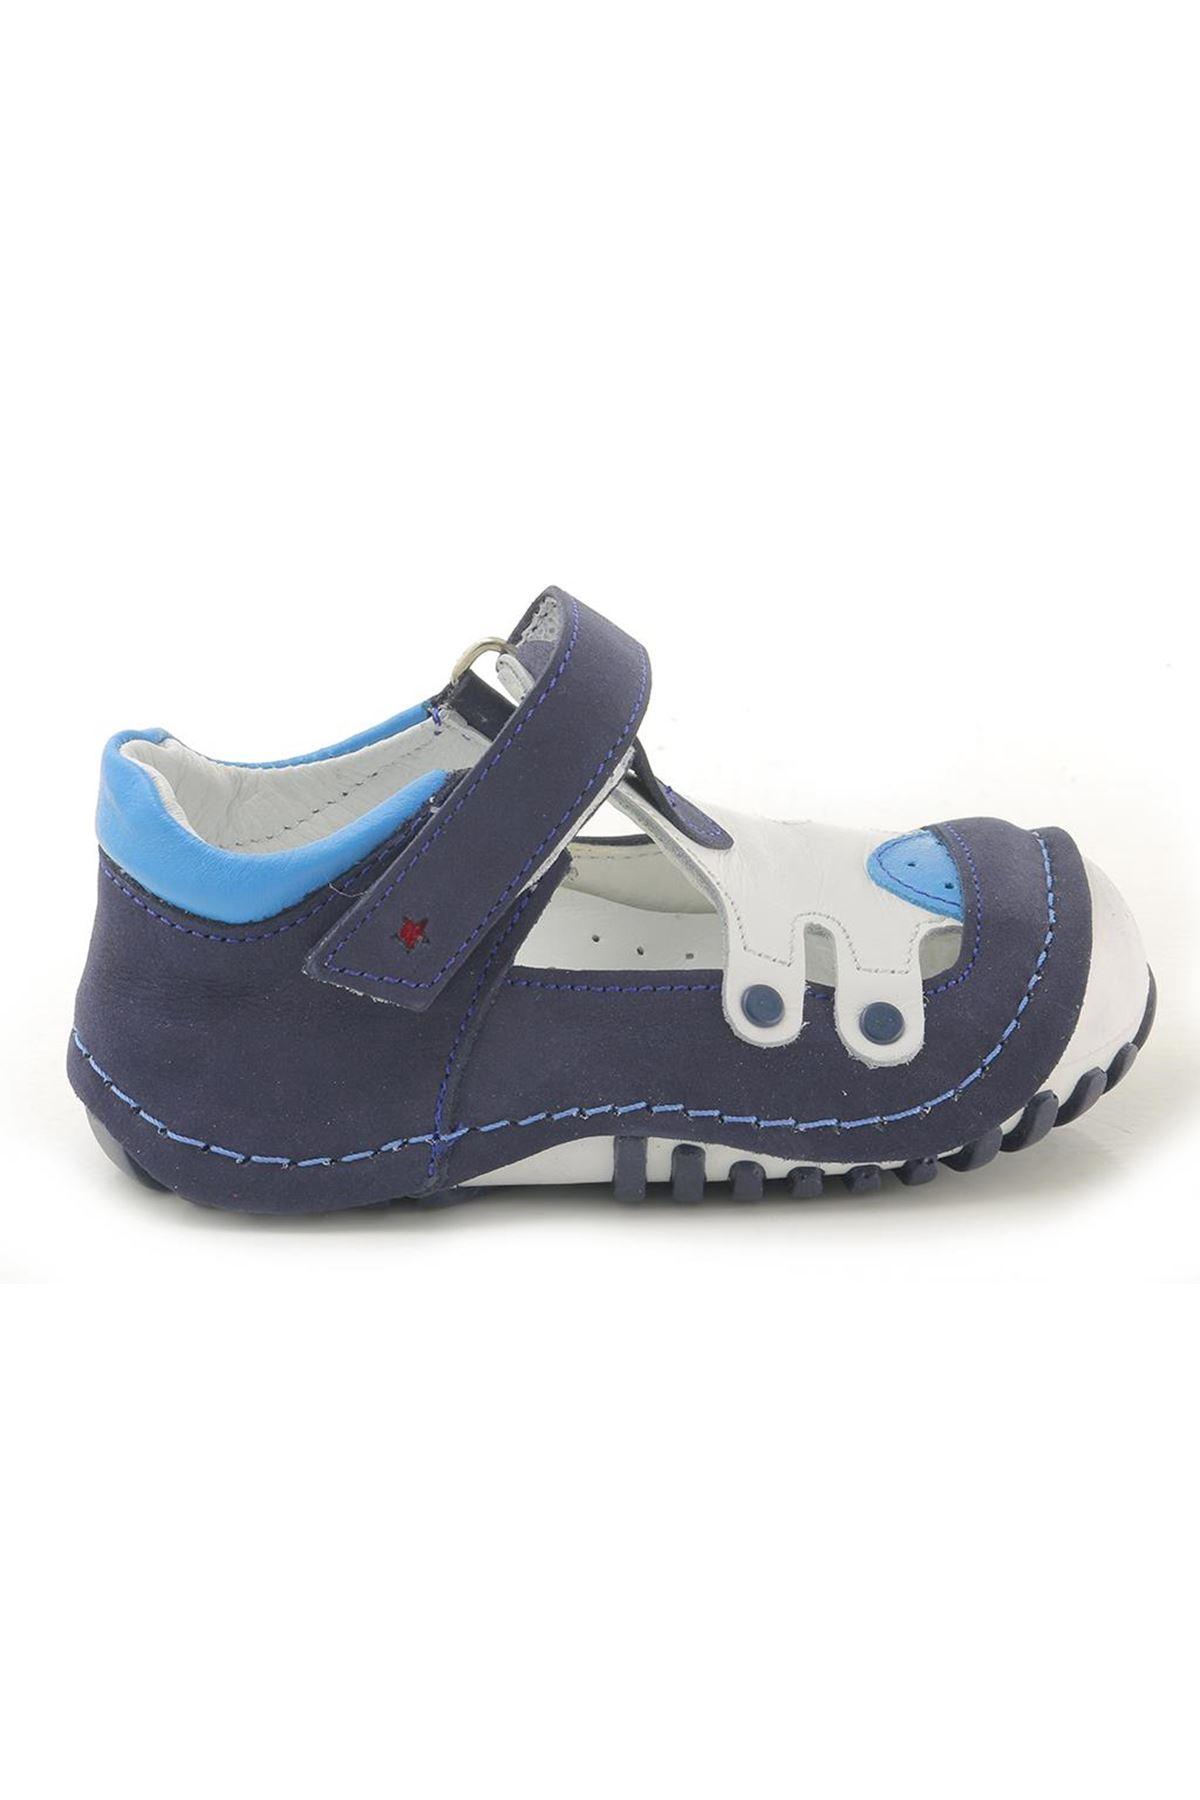 Kids World T22 Hakiki Deri Ortopedik Erkek Çocuk Ayakkabı